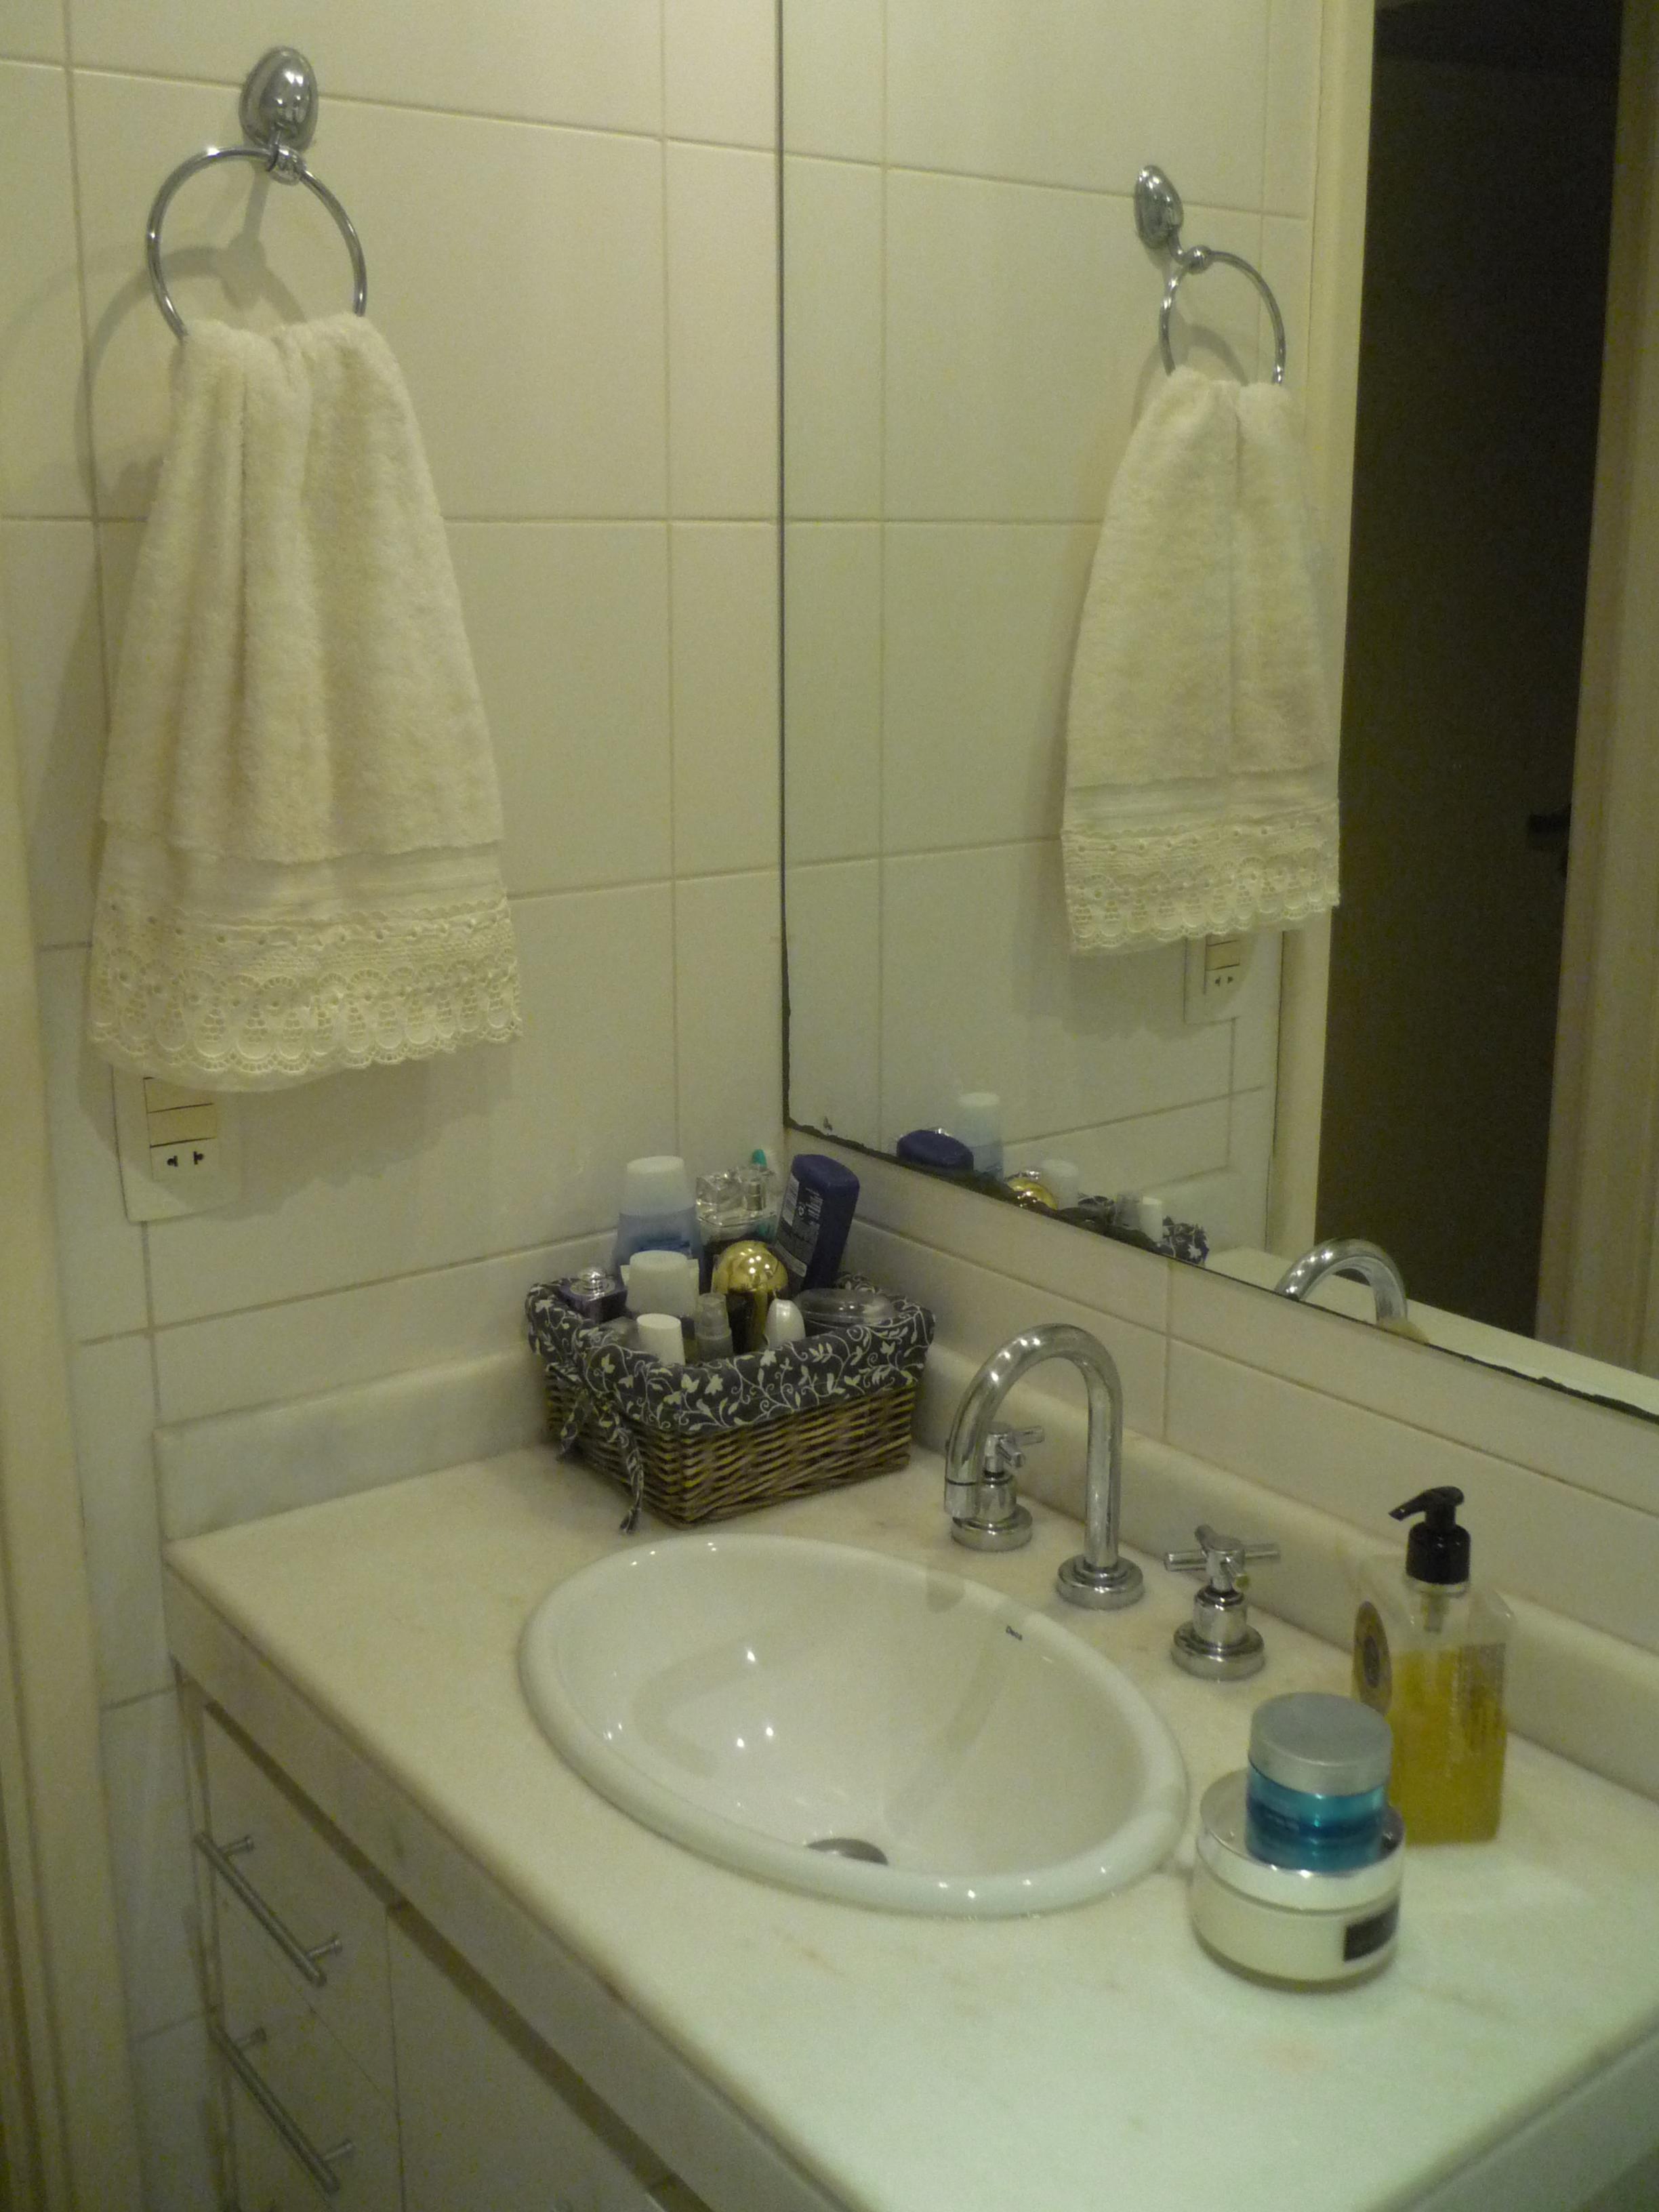 Aqui o banheiro como ela costuma deixar no dia a dia! #37605F 2448 3264